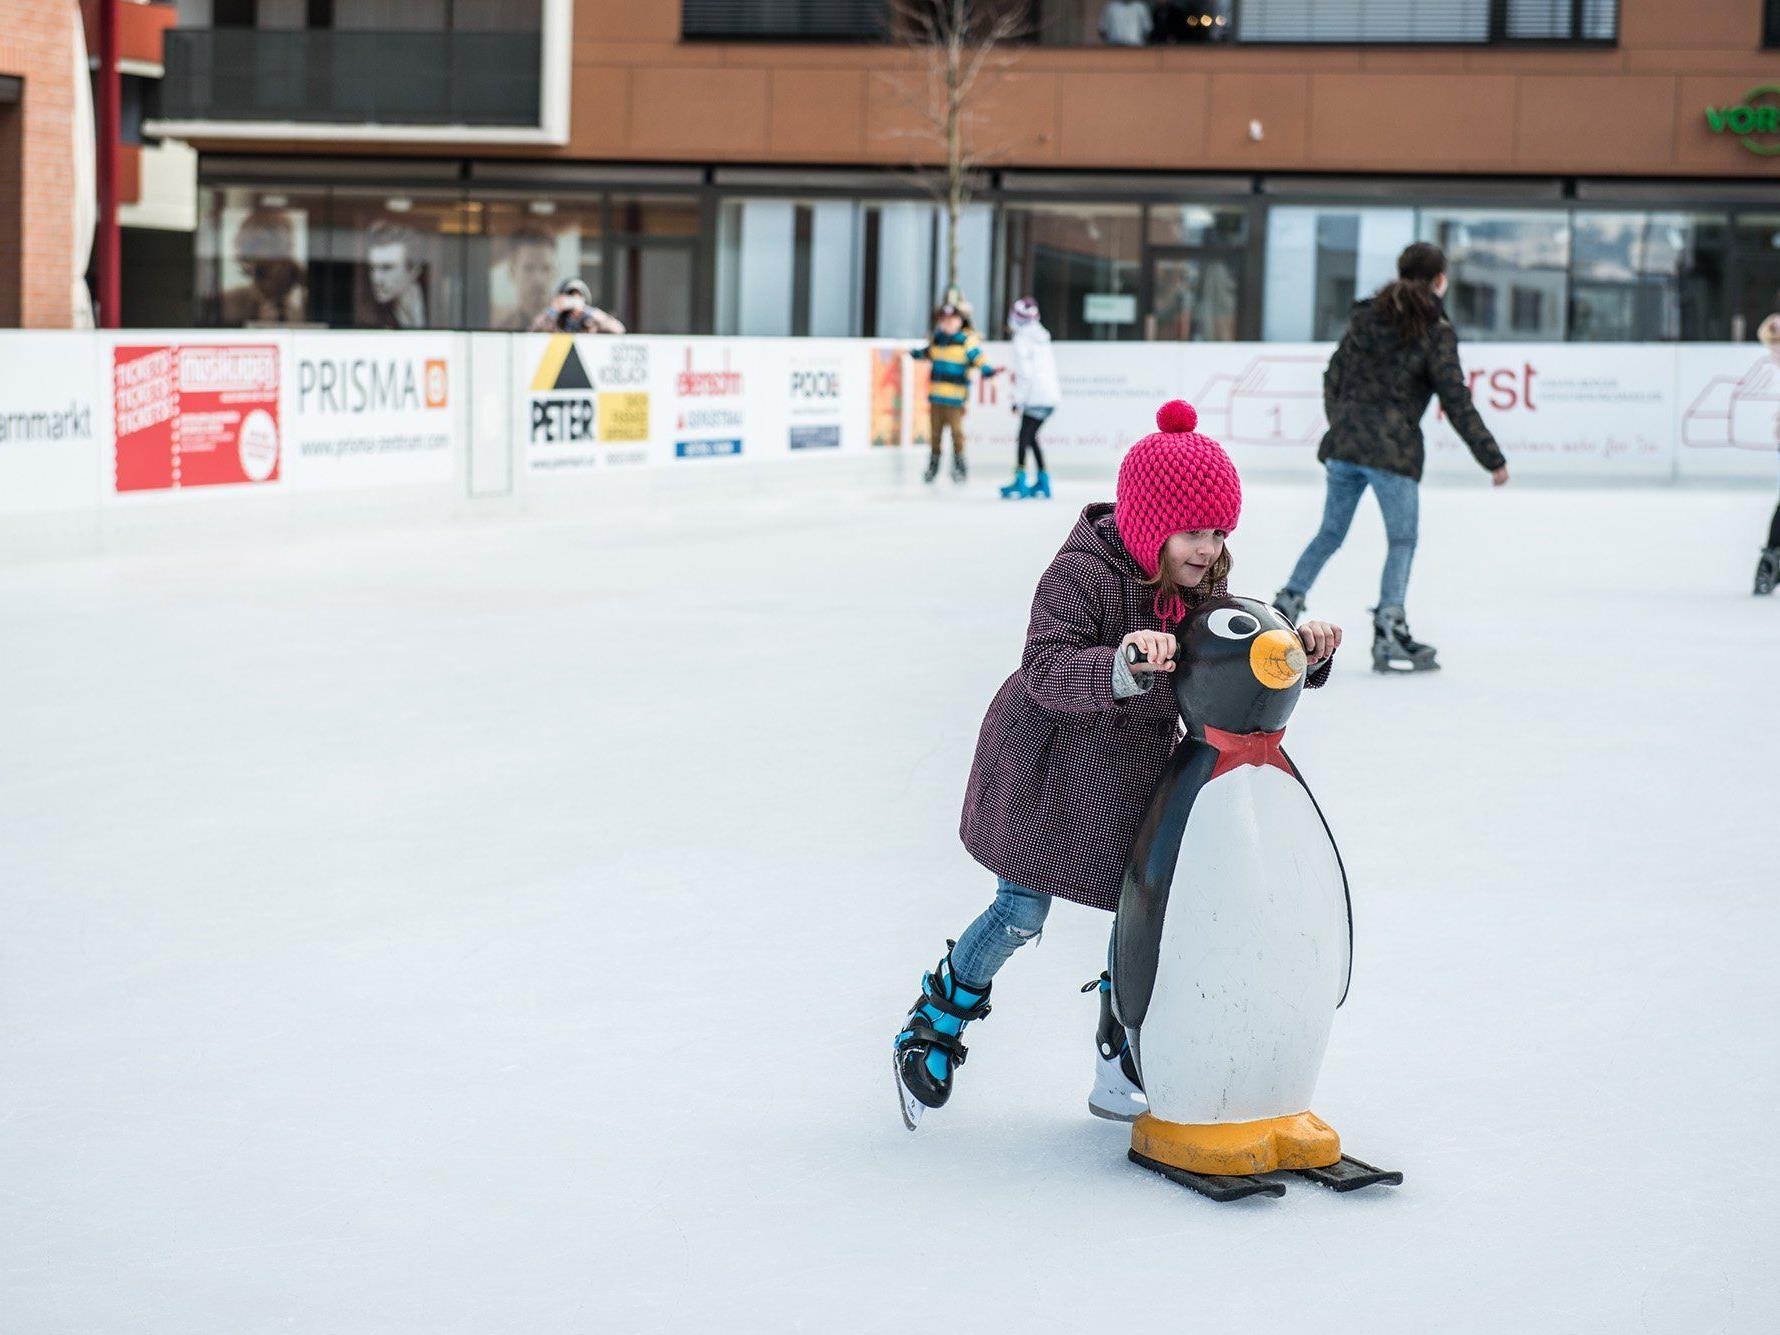 Am Freitag, 20. Jänner wird der Eislaufplatz in der Mitte Am Garnmarkt eröffnet